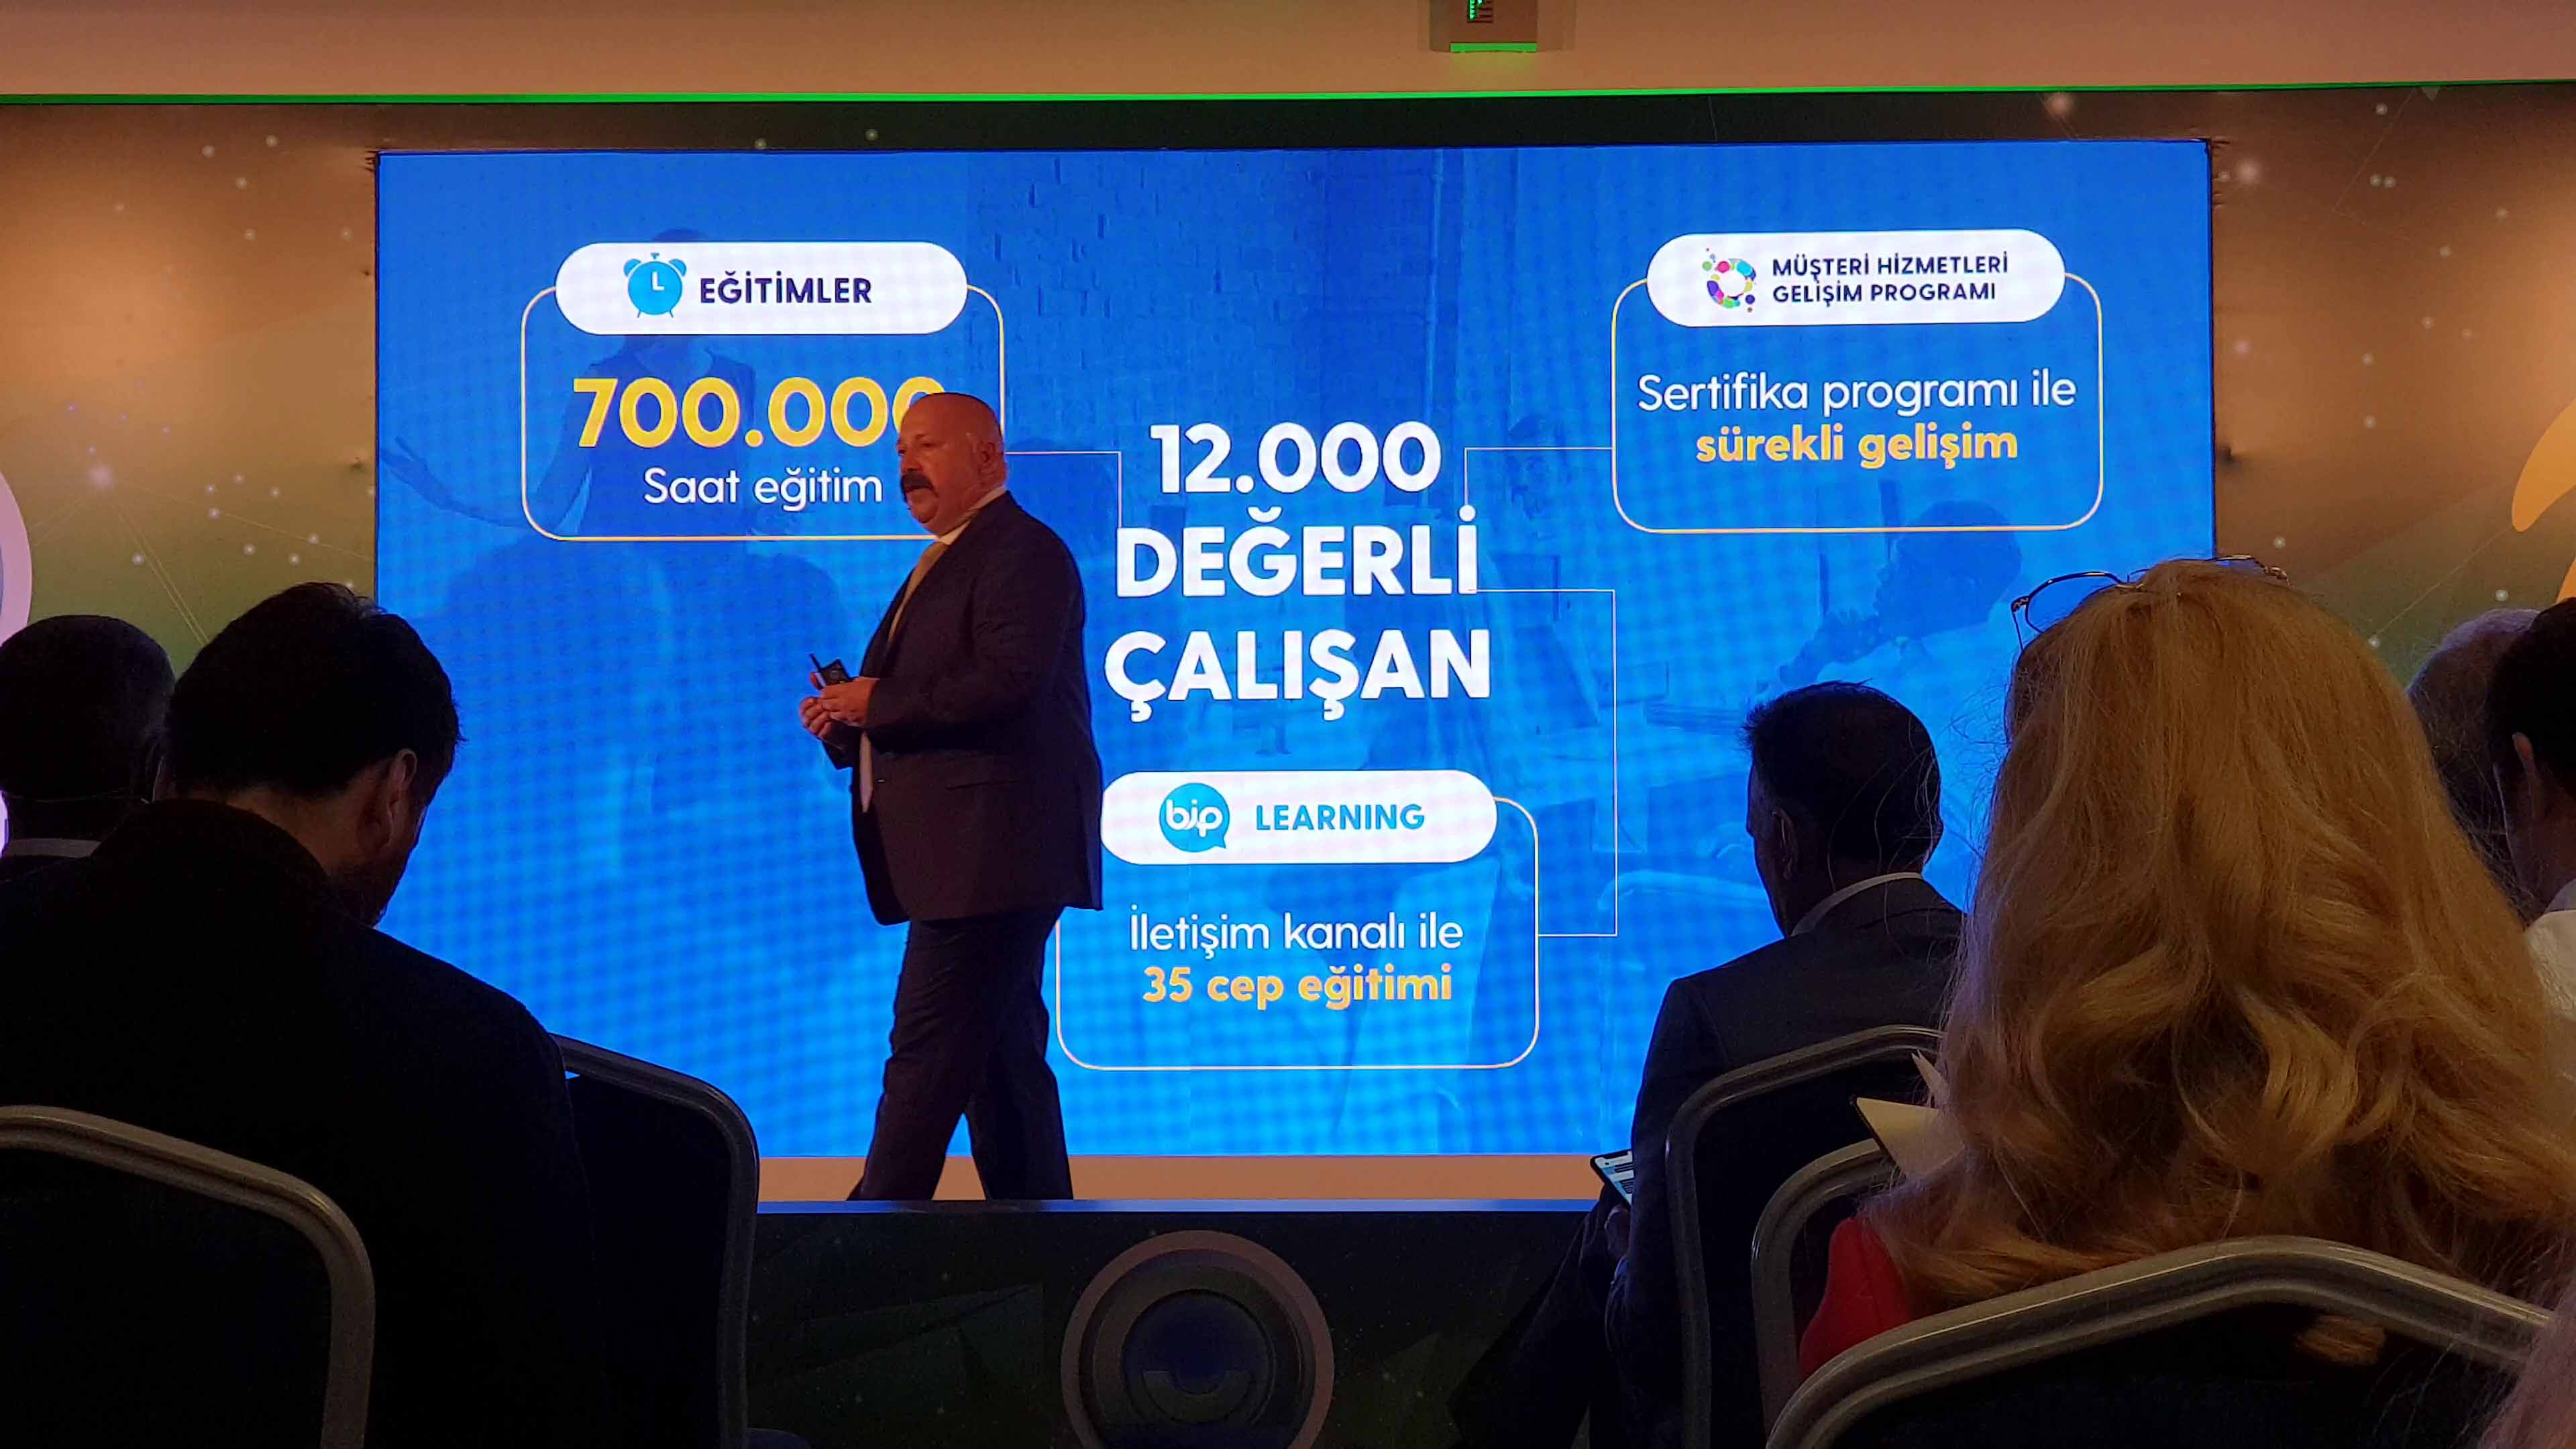 Turkcellden Diyarbakıra 450 Milyon Tllik Katkı Donanımhaber